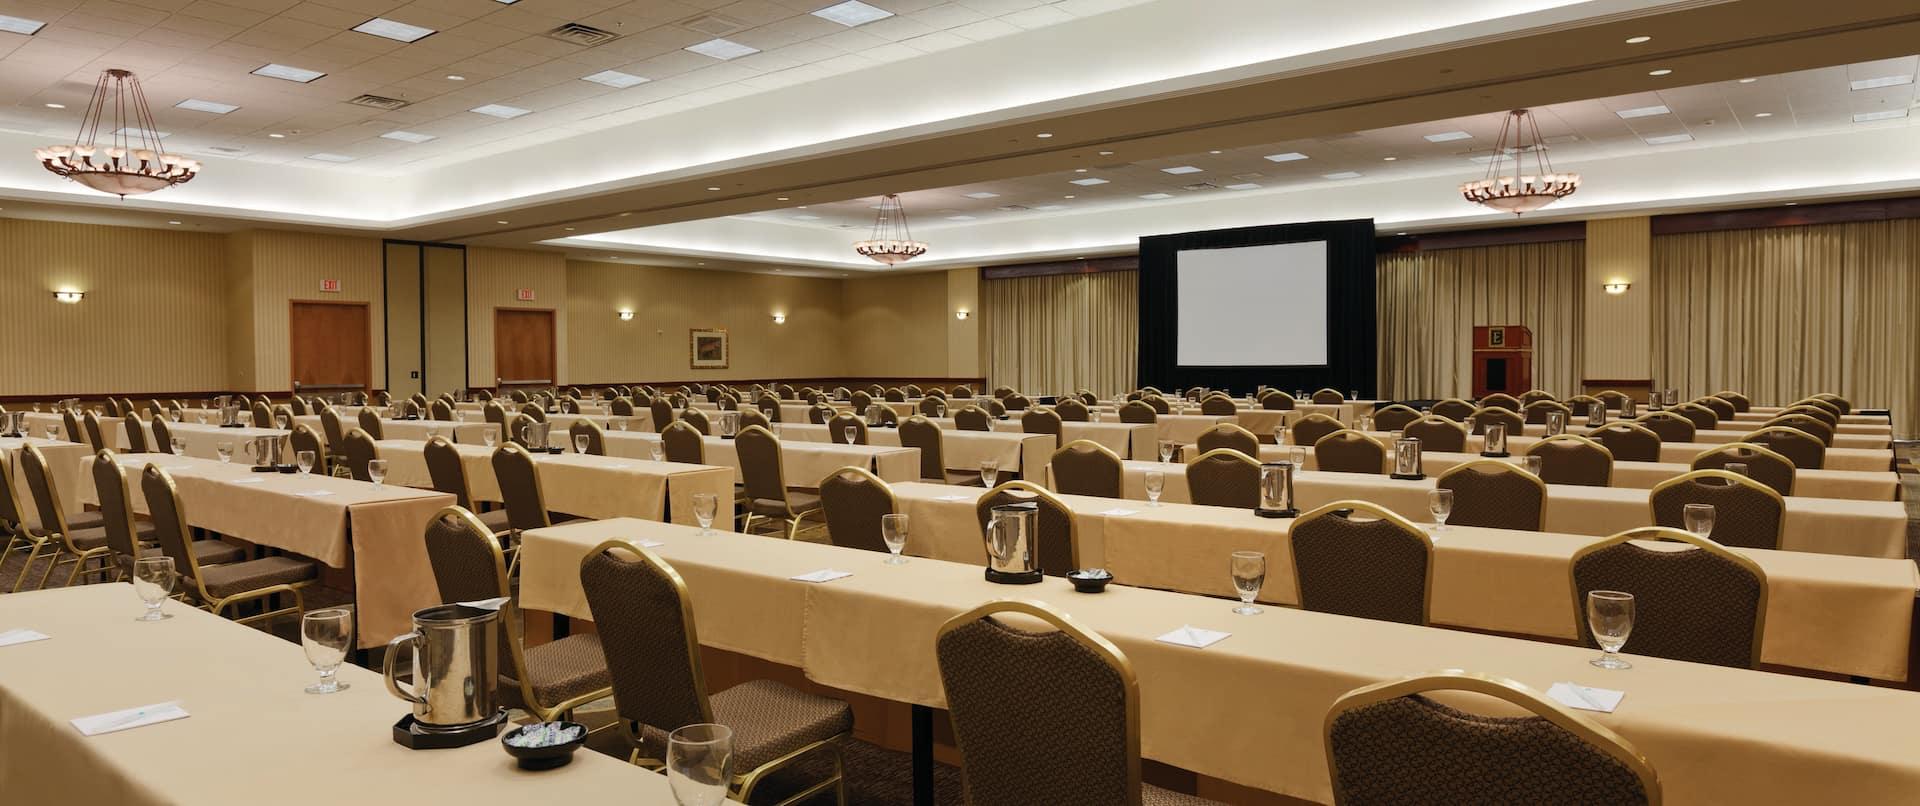 Meeting Room - Classroom